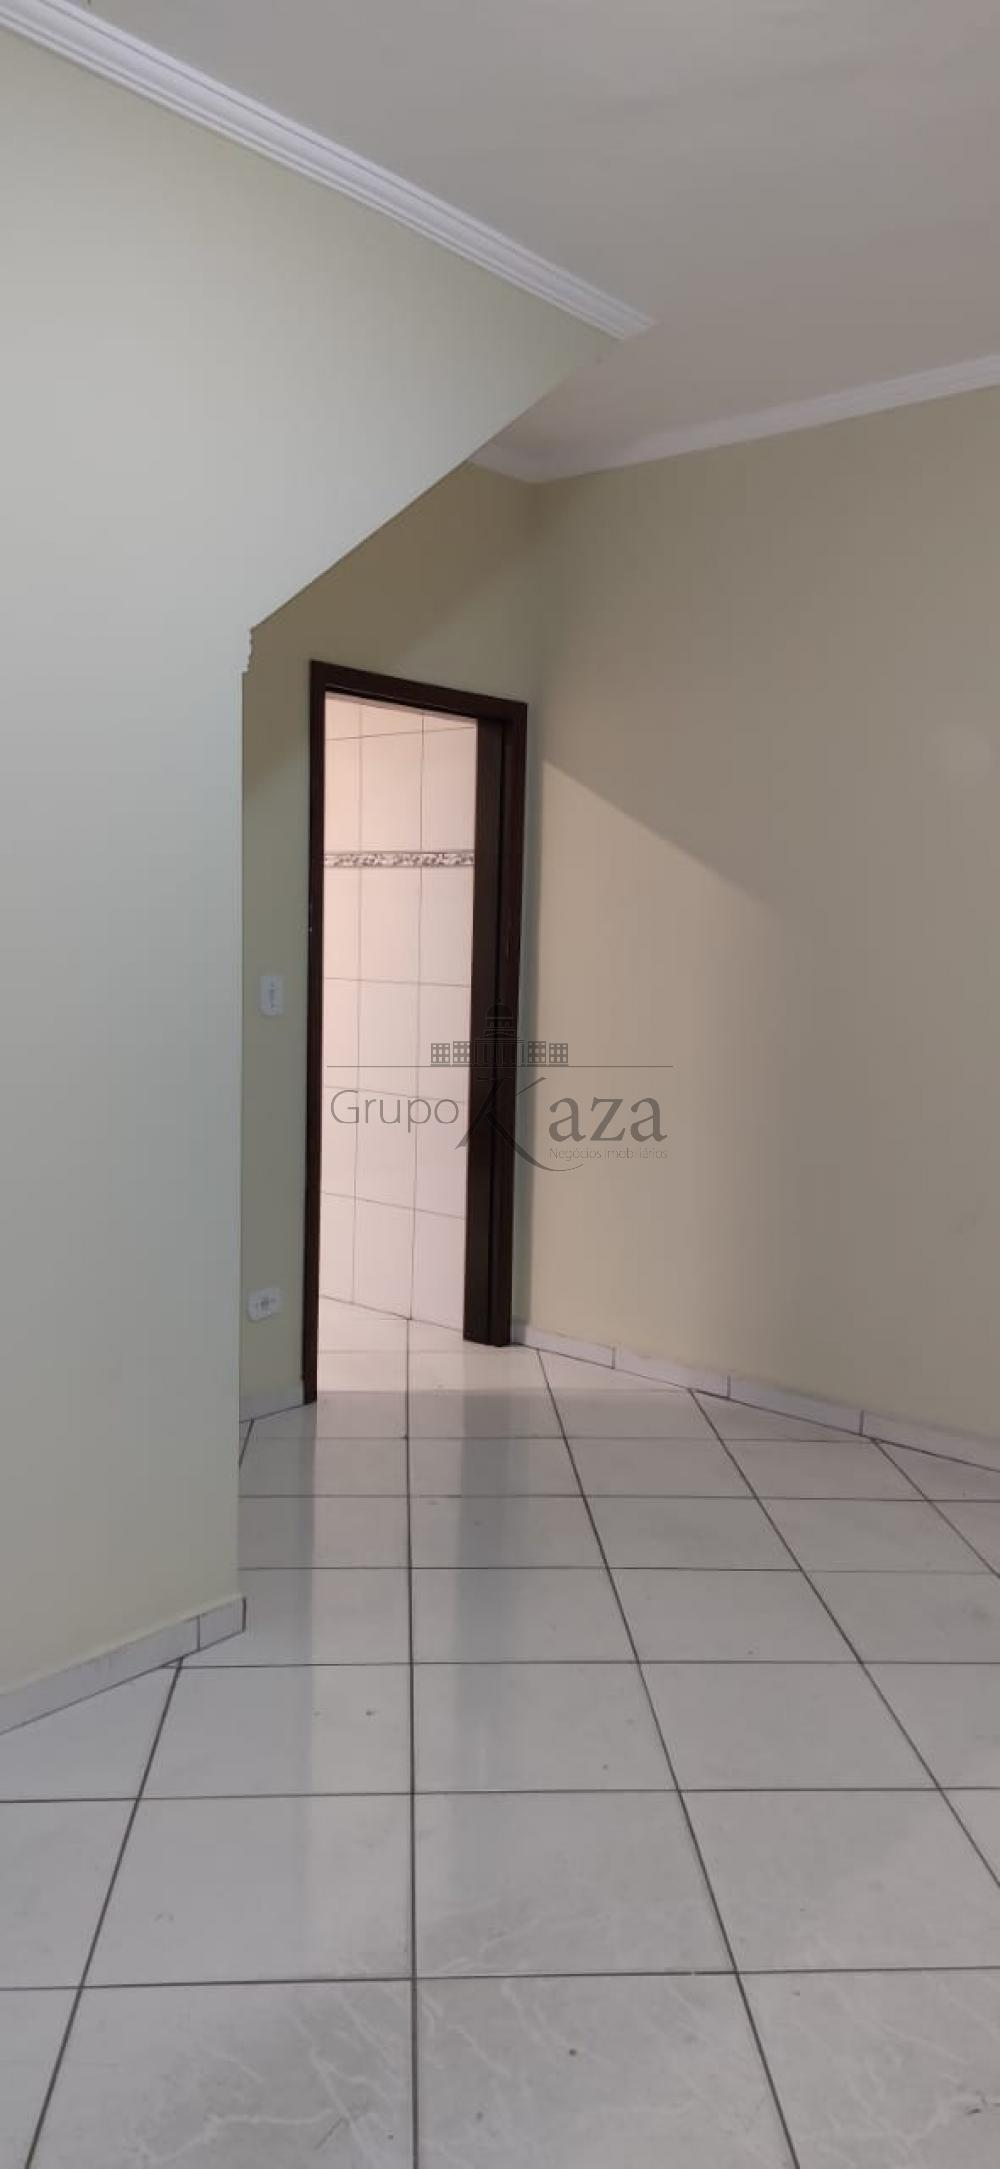 alt='Comprar Casa / Sobrado em São José dos Campos R$ 430.000,00 - Foto 6' title='Comprar Casa / Sobrado em São José dos Campos R$ 430.000,00 - Foto 6'